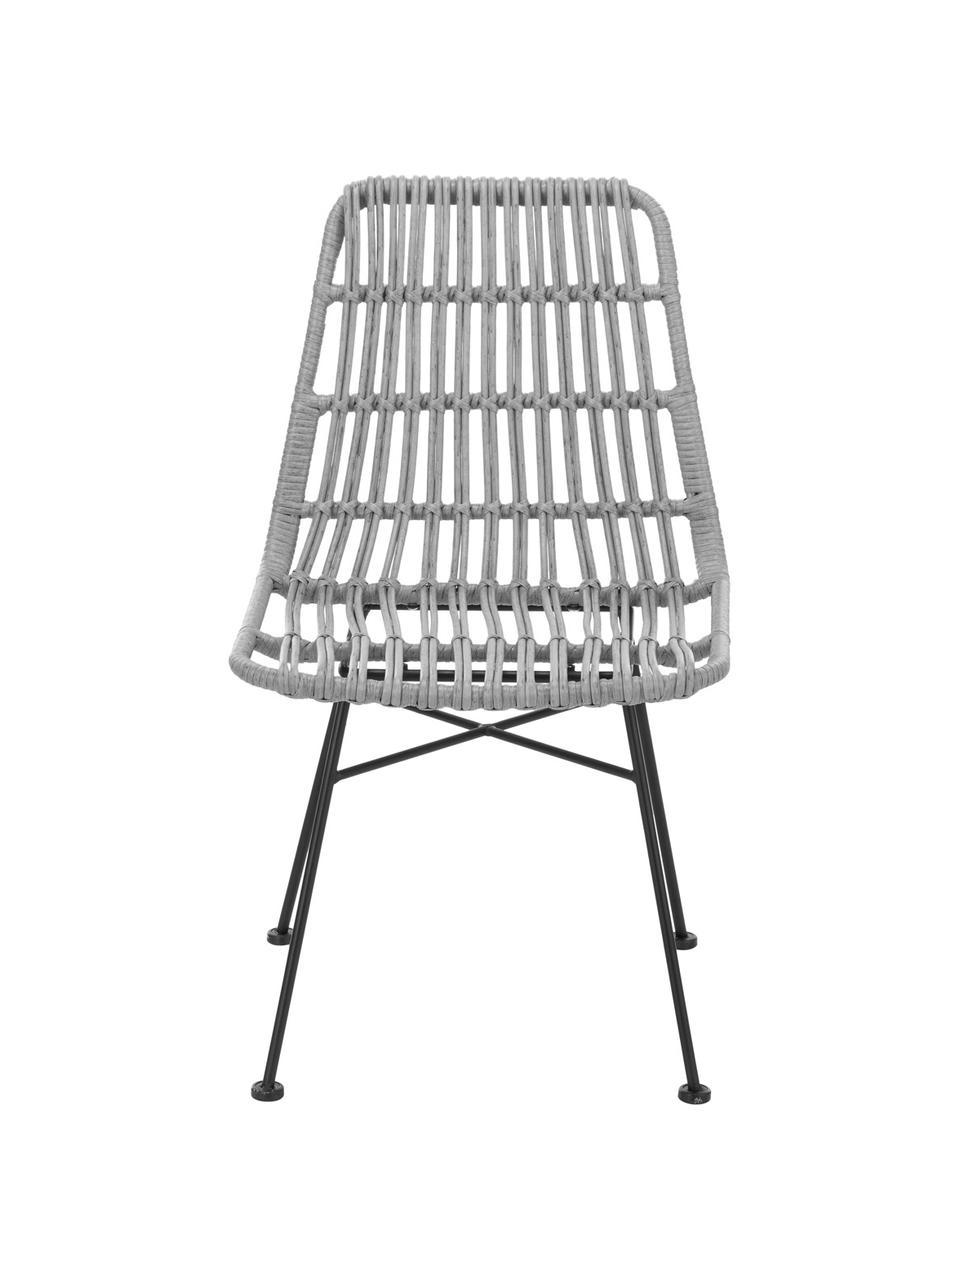 Polyrotan stoelen Costa, 2 stuks, Zitvlak: polyethyleen-vlechtwerk, Frame: gepoedercoat metaal, Zitvlak: grijs, gevlekt. Frame: mat zwart, B 47 x D 61 cm